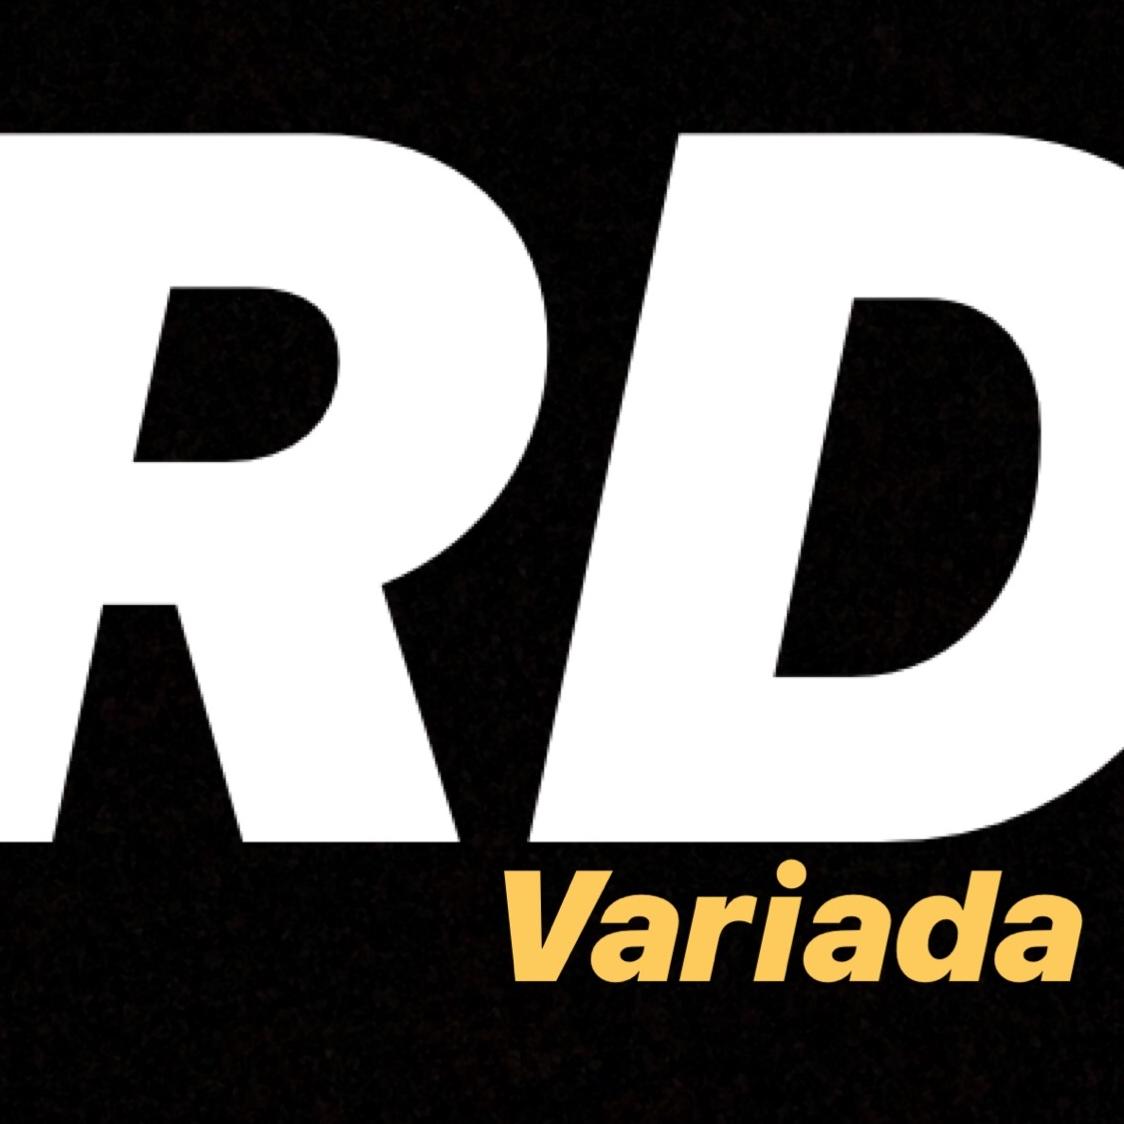 RDVariada